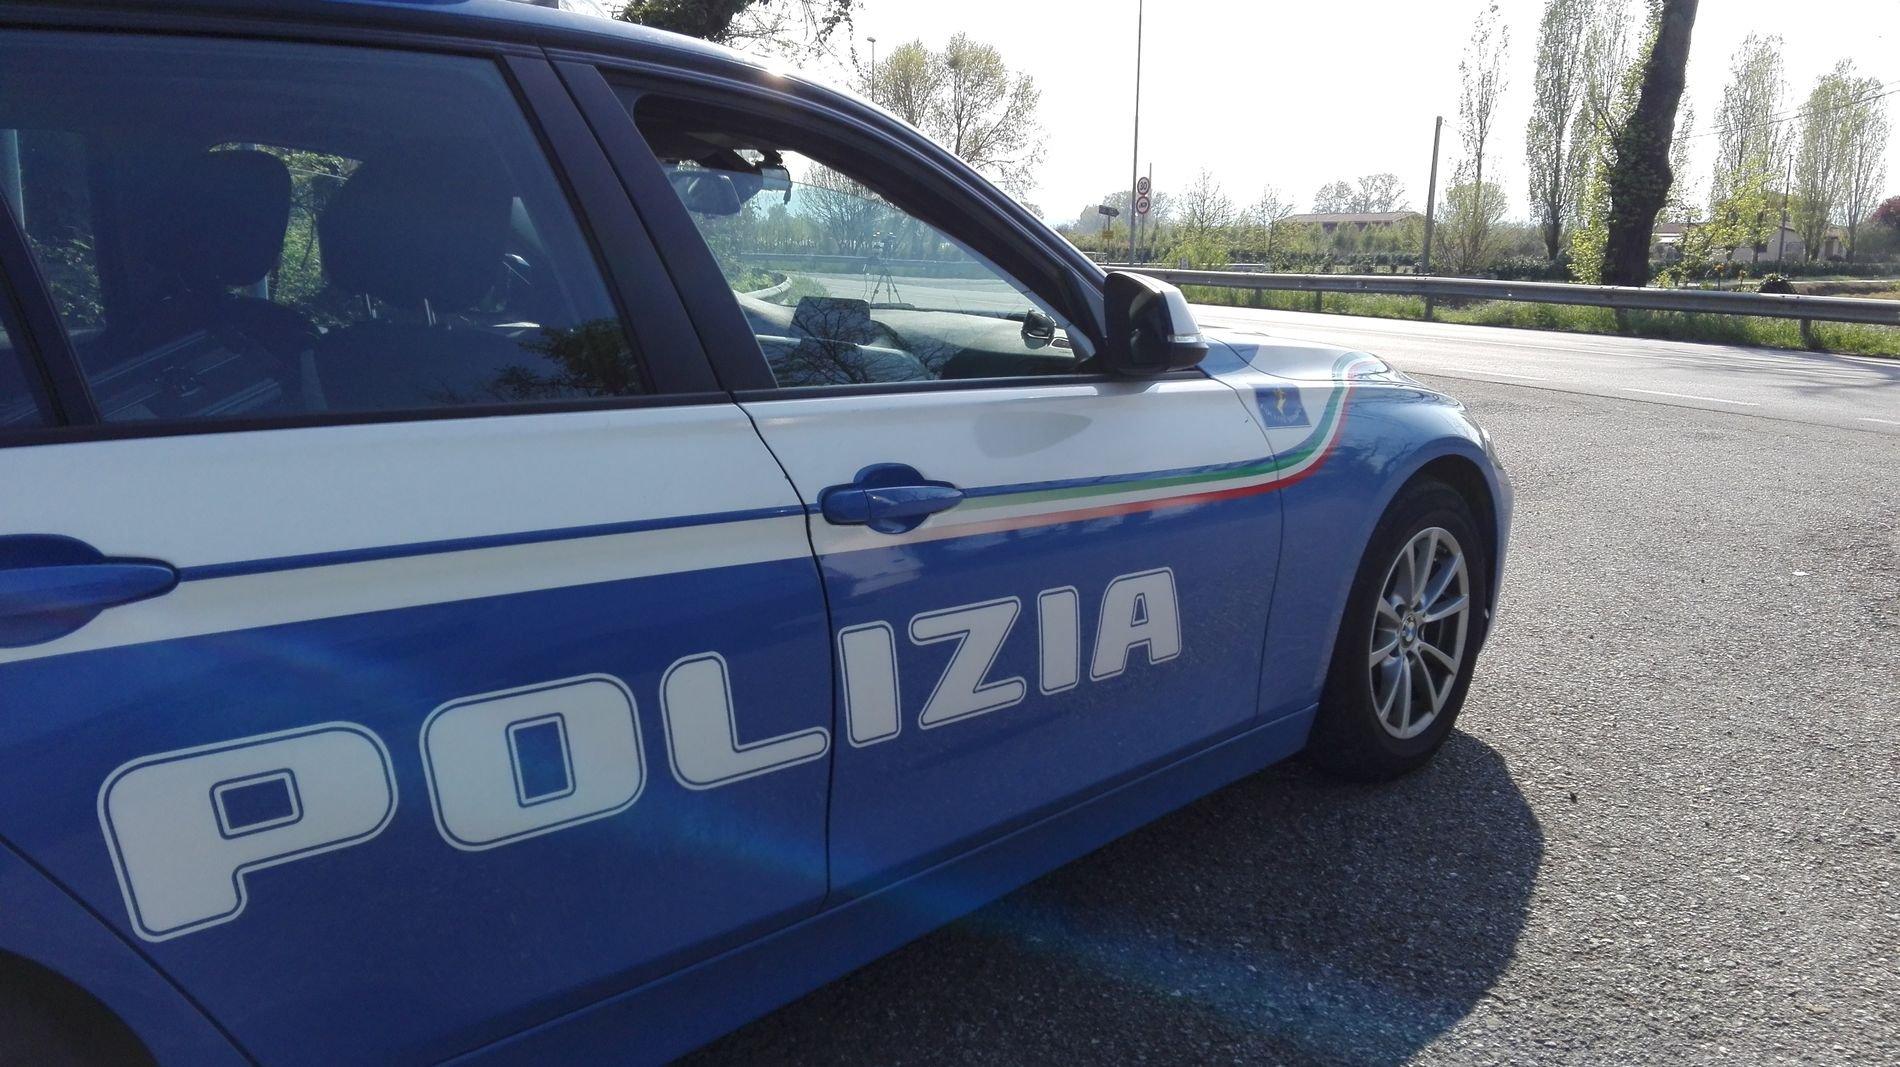 AGGRESSIONI A POLIZIOTTO, ANFP: FENOMENO SIA PRIORITA' PER IL GOVERNO